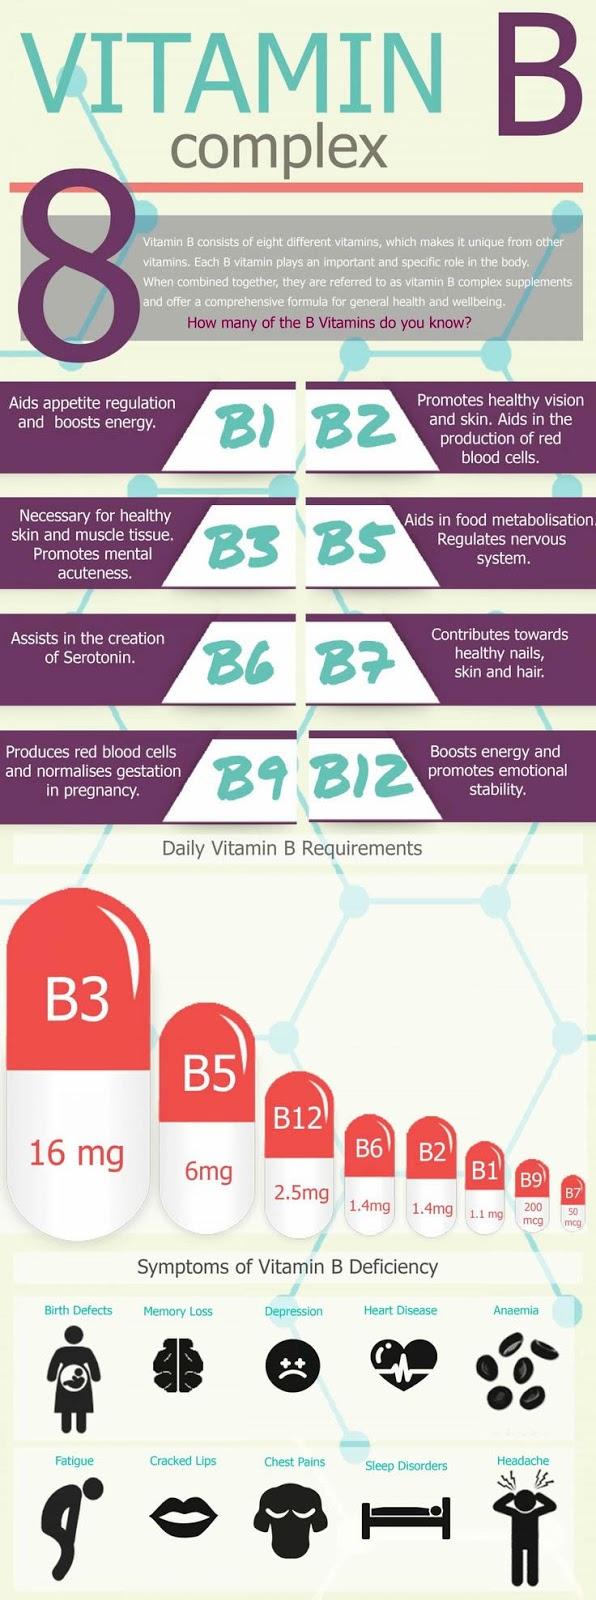 Vitamin B Complex Infographic